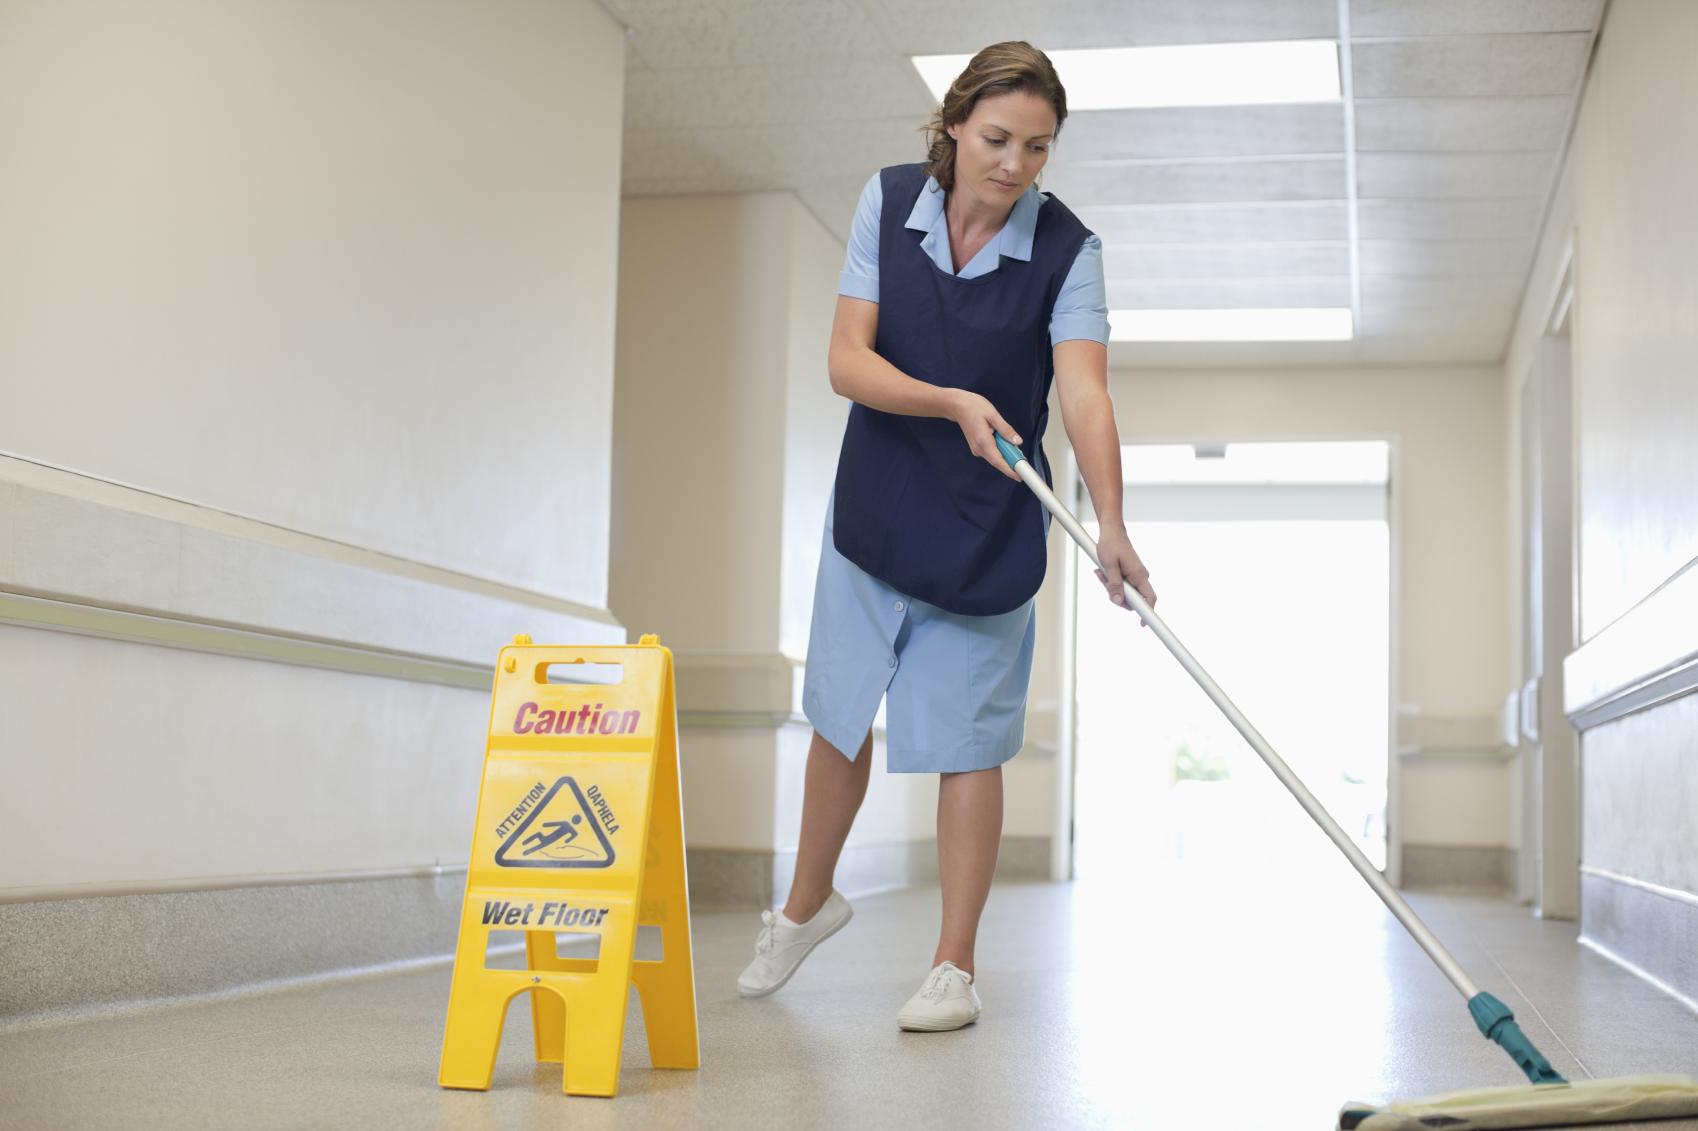 get safe work safe